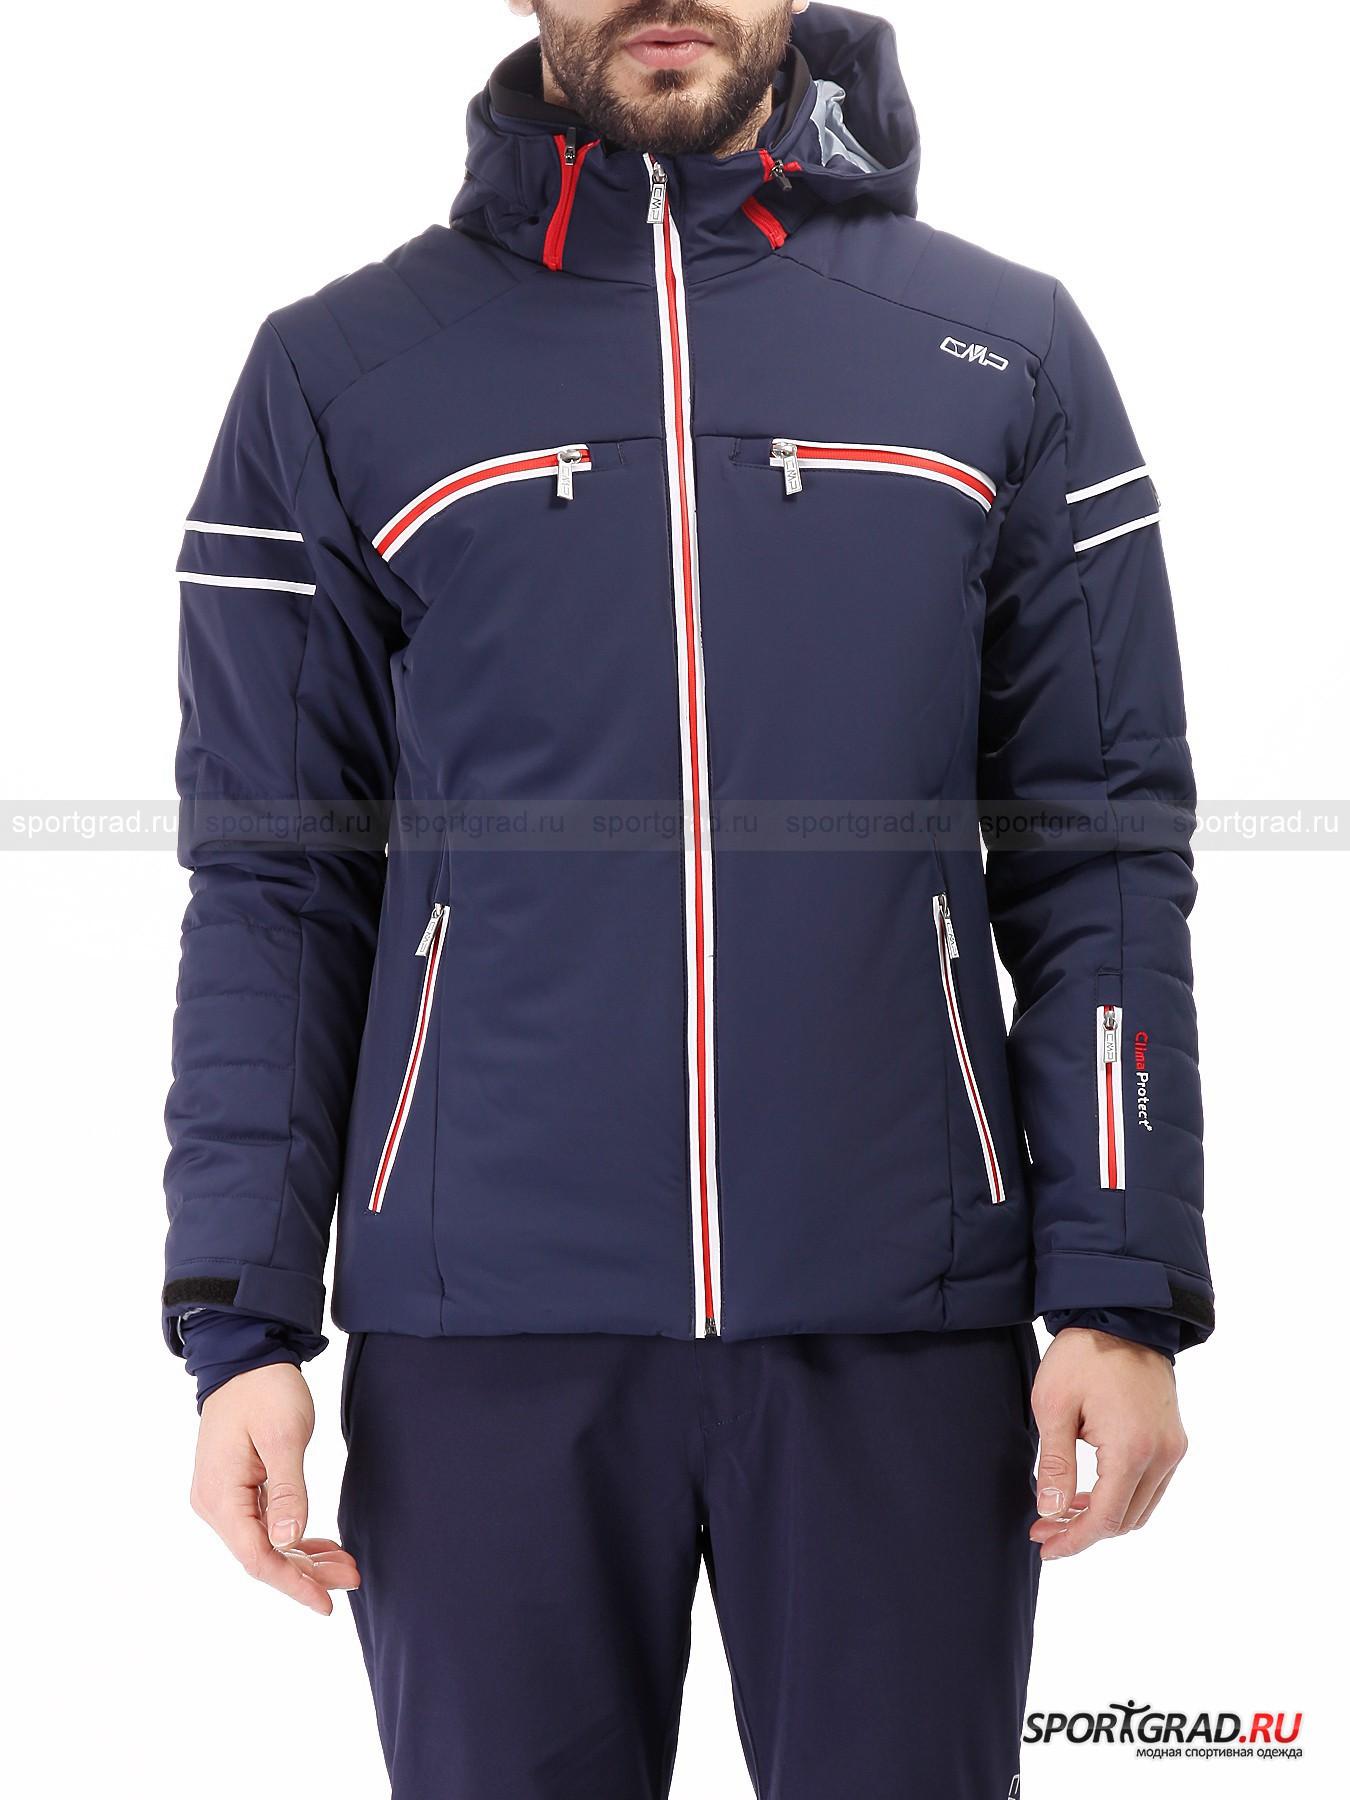 Куртка мужская горнолыжная Ski Jacket CMPКуртки<br>Горнолыжная одежда от итальянской компании CMP Campagnolo – отличный выбор и для новичков, и для завсегдатаев горных курортов. И тем, и другим непременно придется по душе лаконичный стильный дизайн, модные цвета, функциональные ткани и потрясающее удобство спортивной экипировки марки.<br><br>Мужская куртка Ski Jacket, представленная на этой странице, демонстрирует великолепное качество. Она сделана из эластичного материала, который превосходно тянется во всех направлениях, обеспечивая полную свободу движений. Технология ClimaProtect гарантирует защиту от осадков и ветра и в то же время отличную воздухопроницаемость.<br><br>Особенности модели:<br>- влагозащита 8000 мм водяного столба;<br>- воздухопроницаемость 5000 г/кв.м/24ч;<br>- внутренние эластичные манжеты с отверстиями для больших пальцев;<br>- большой съемный капюшон с козырьком;<br>- фронтальная молния по всей длине;<br>- внутри сетчатый накладной карман и еще один на молнии, а также отверстие для наушников;<br>- «юбка» для защиты от снега;<br>- утяжка по низу куртки;<br>- четыре внешних кармана на молнии;<br>- карман на левом рукаве;<br>- объем манжет регулируется липучками;<br>- фирменная нашивка на плече.<br><br>Пол: Мужской<br>Возраст: Взрослый<br>Тип: Куртки<br>Рекомендации по уходу: деликатная стирка в теплой воде до 30 С; не отбеливать; не гладить; влажная чистка; можно сушить в стиральной машине<br>Состав: 85% полиамид, 15% эластан; наполнитель 100% полиэстер